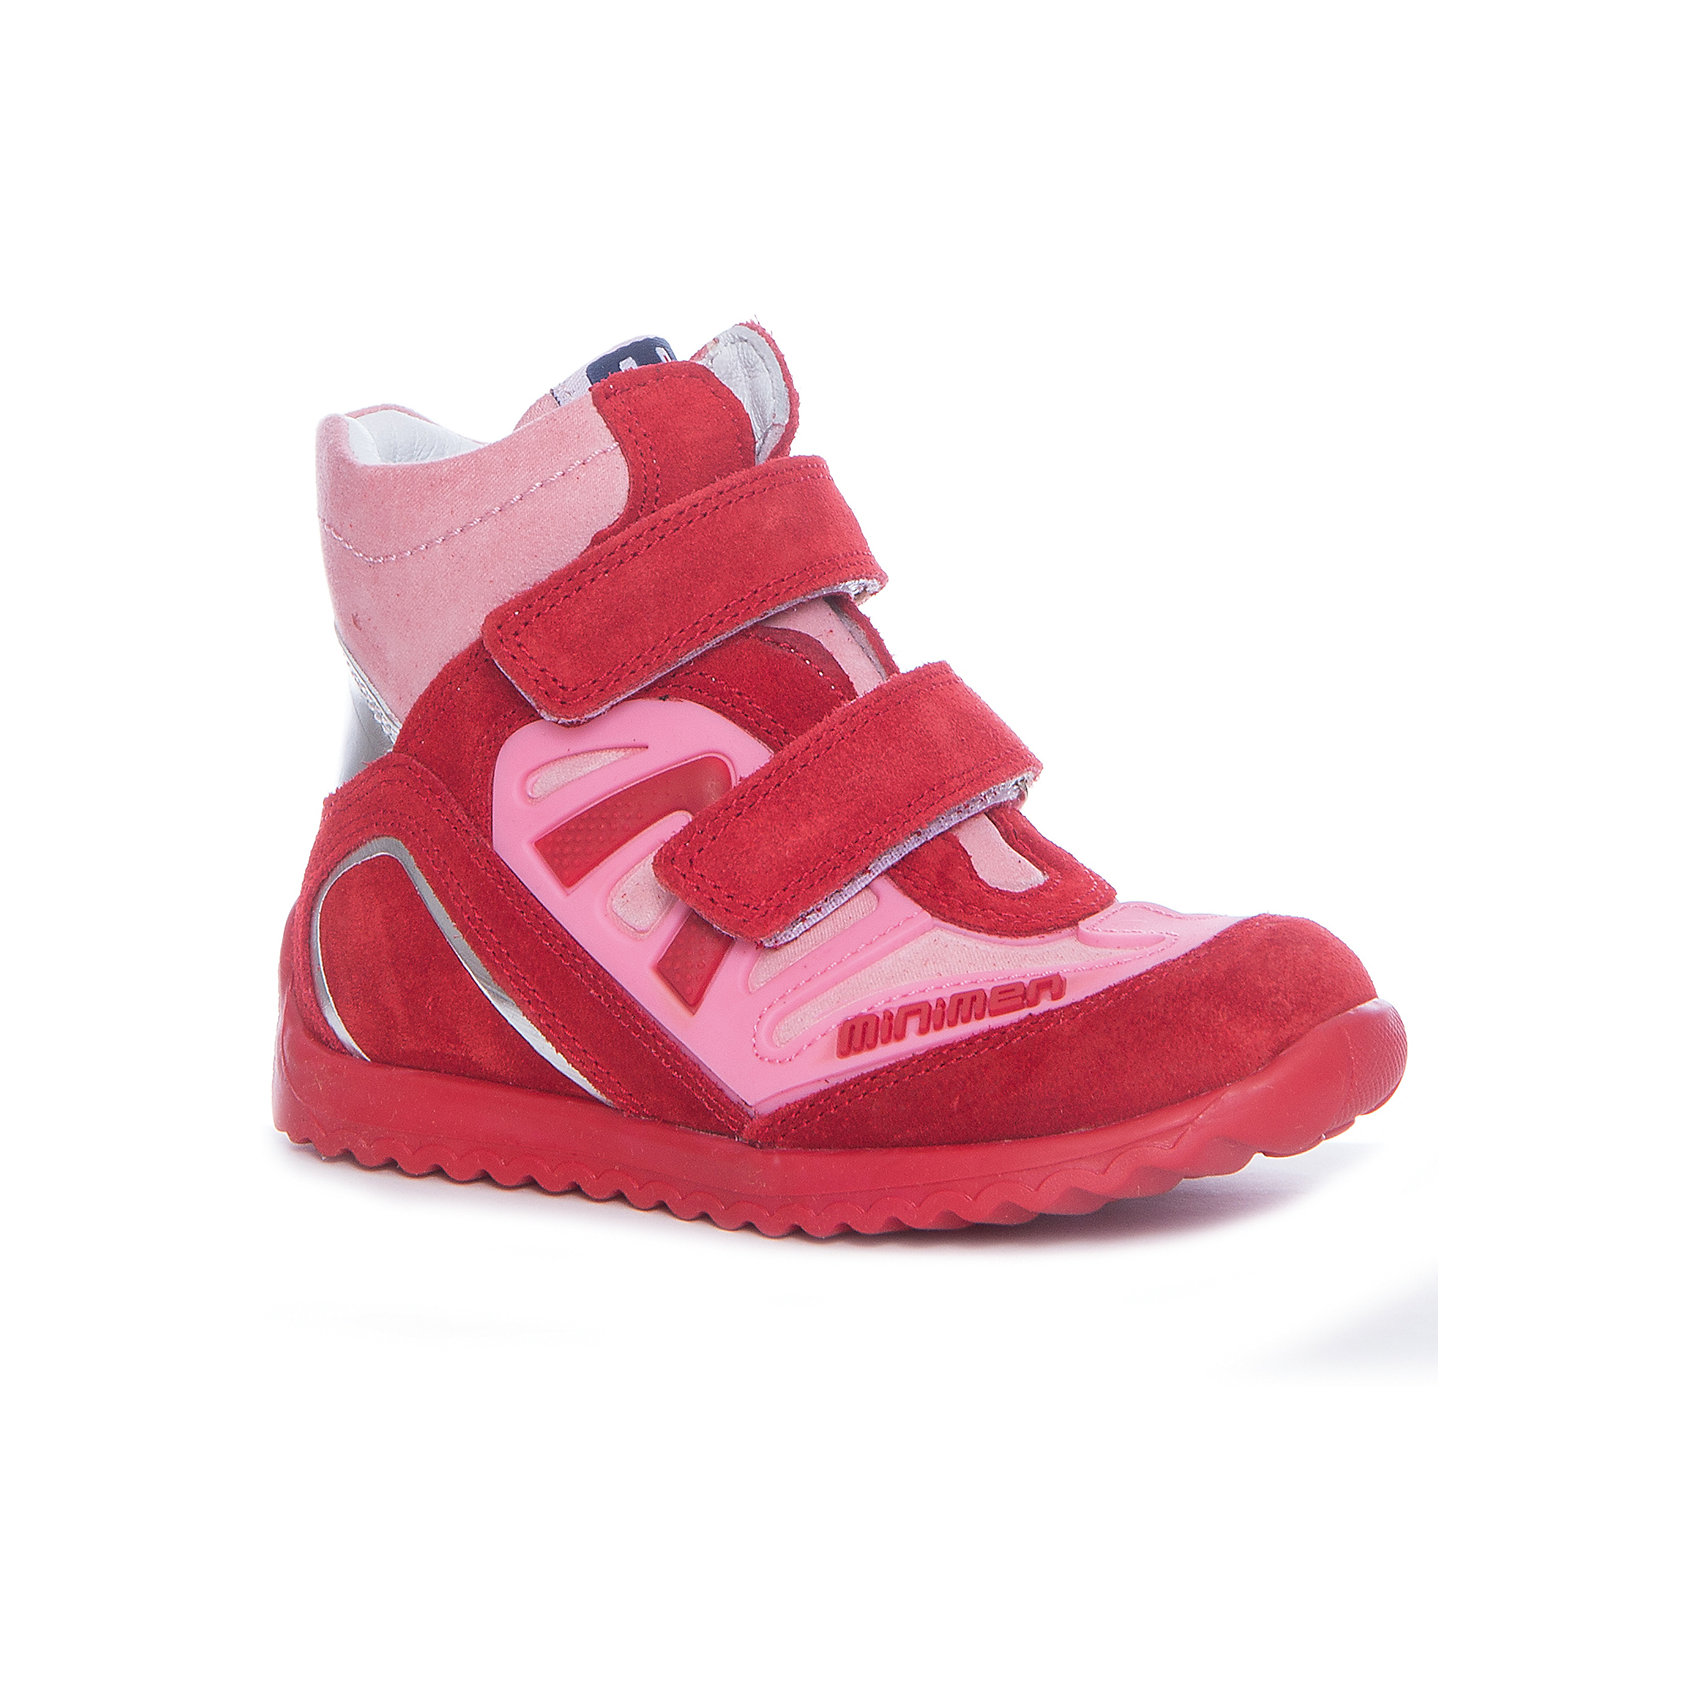 Ботинки для девочки MINIMENБотинки<br>Характеристики товара:<br><br>• цвет: розовый/красный<br>• внешний материал: натуральная замша, натуральная кожа<br>• внутренний материал: текстиль<br>• стелька: натуральная кожа<br>• подошва: полиуретан<br>• температурный режим: от 0°С до +10°С<br>• наличие супинатора<br>• высокий жёсткий задник<br>• профилактическая анатомическая модель<br>• застёжка: два ремешка с липучками<br>• усиленный защищённый мыс и пятка<br>• страна бренда: Турция<br>• страна производства: Турция<br><br>Модные демисезонные ботинки сделаны из качественного текстиля и натуральной кожи, которые помогают ногам находиться в комфортных условиях: впитывают лишнюю влагу и правильно распределяют нагрузку. Полуботинки легко надеваются, очень симпатично выглядят. Это действительно удобная и качественная обувь. Правильно подобранная детская обувь - залог здорового развития не только стопы, но и всего организма!<br><br>Ботинки от известного бренда Minimen (Минимен) можно купить в нашем интернет-магазине.<br><br>Ширина мм: 262<br>Глубина мм: 176<br>Высота мм: 97<br>Вес г: 427<br>Цвет: разноцветный<br>Возраст от месяцев: 72<br>Возраст до месяцев: 84<br>Пол: Женский<br>Возраст: Детский<br>Размер: 30,25,26,27,28,29<br>SKU: 5360573